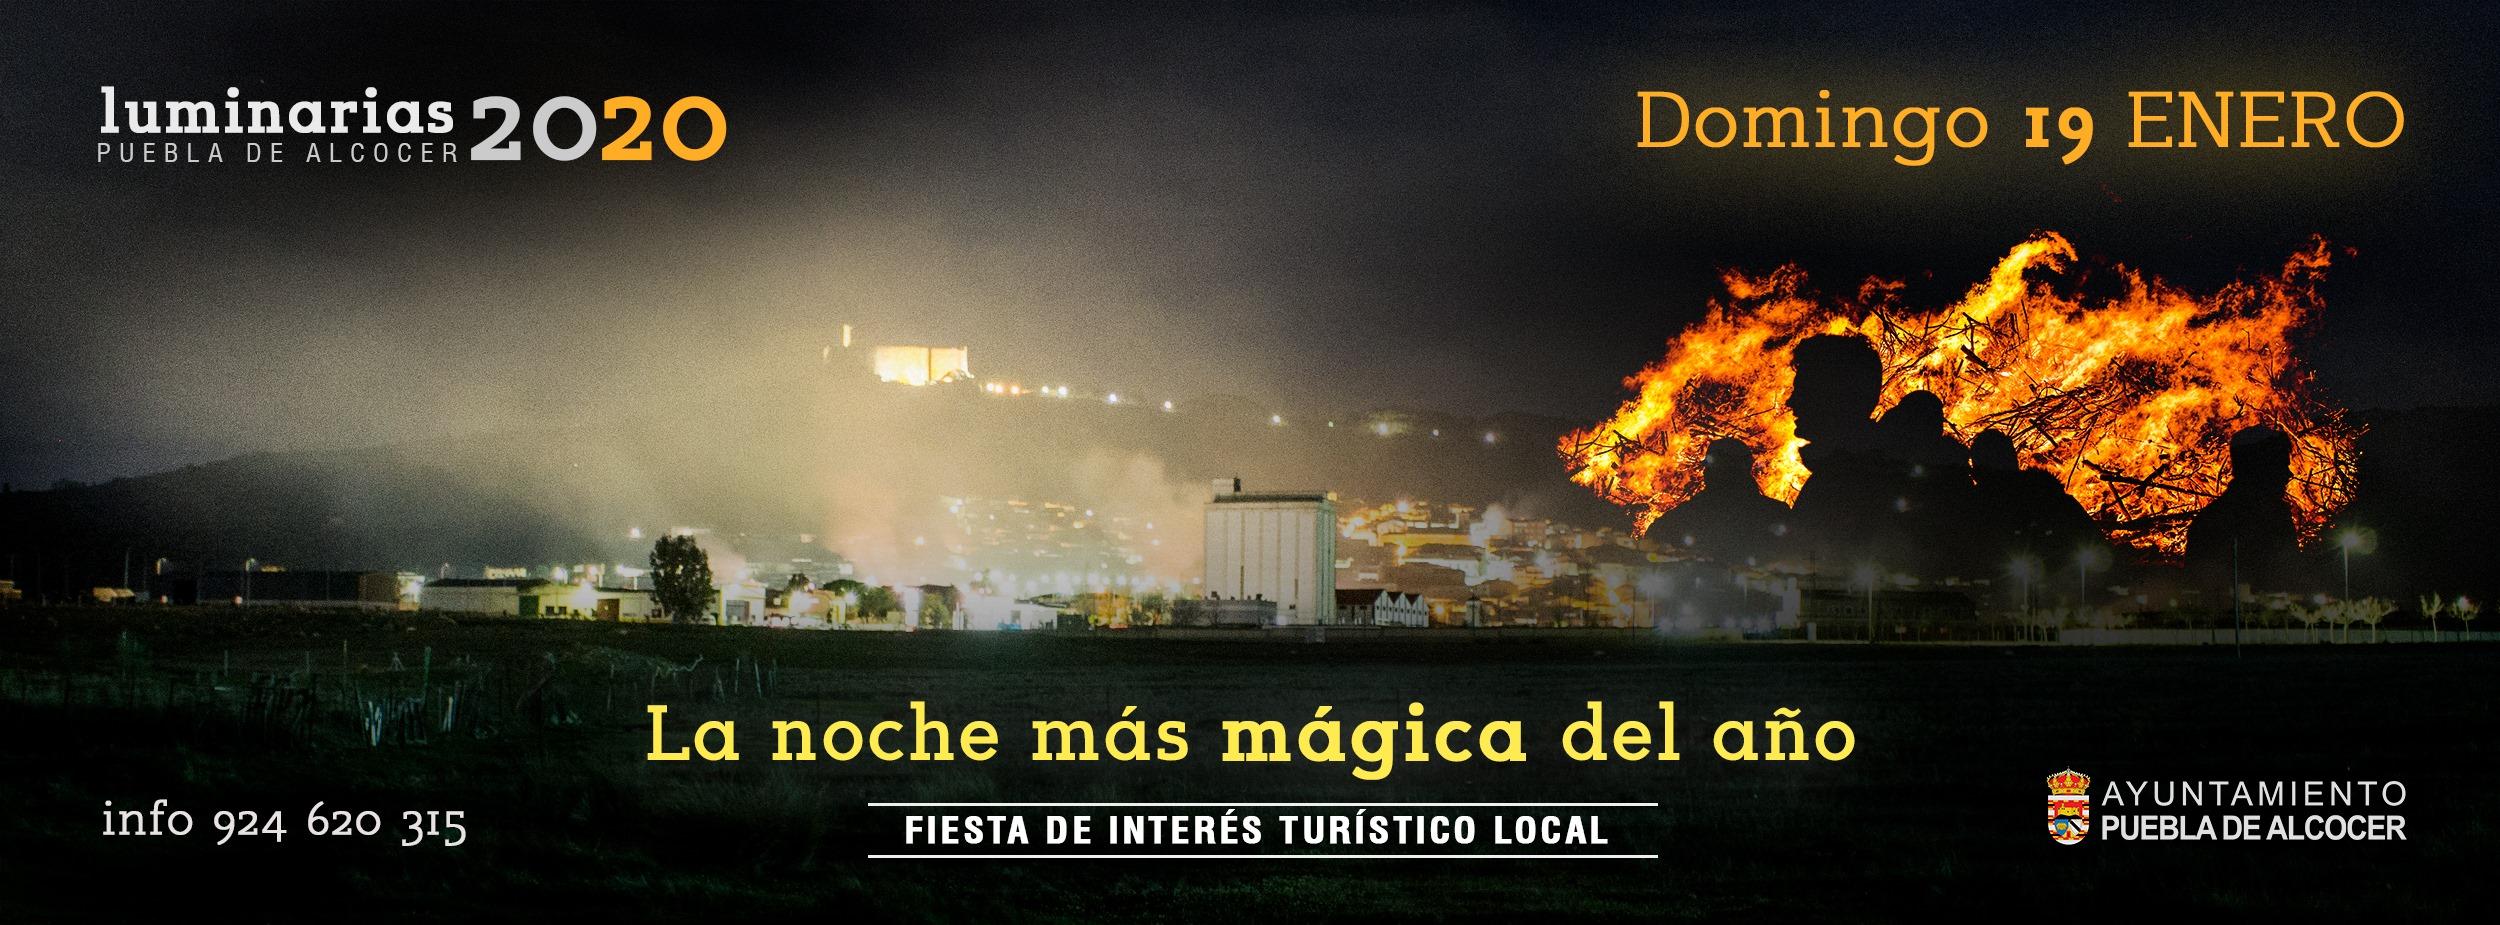 Luminarias 2020 - Puebla de Alcocer (Badajoz)